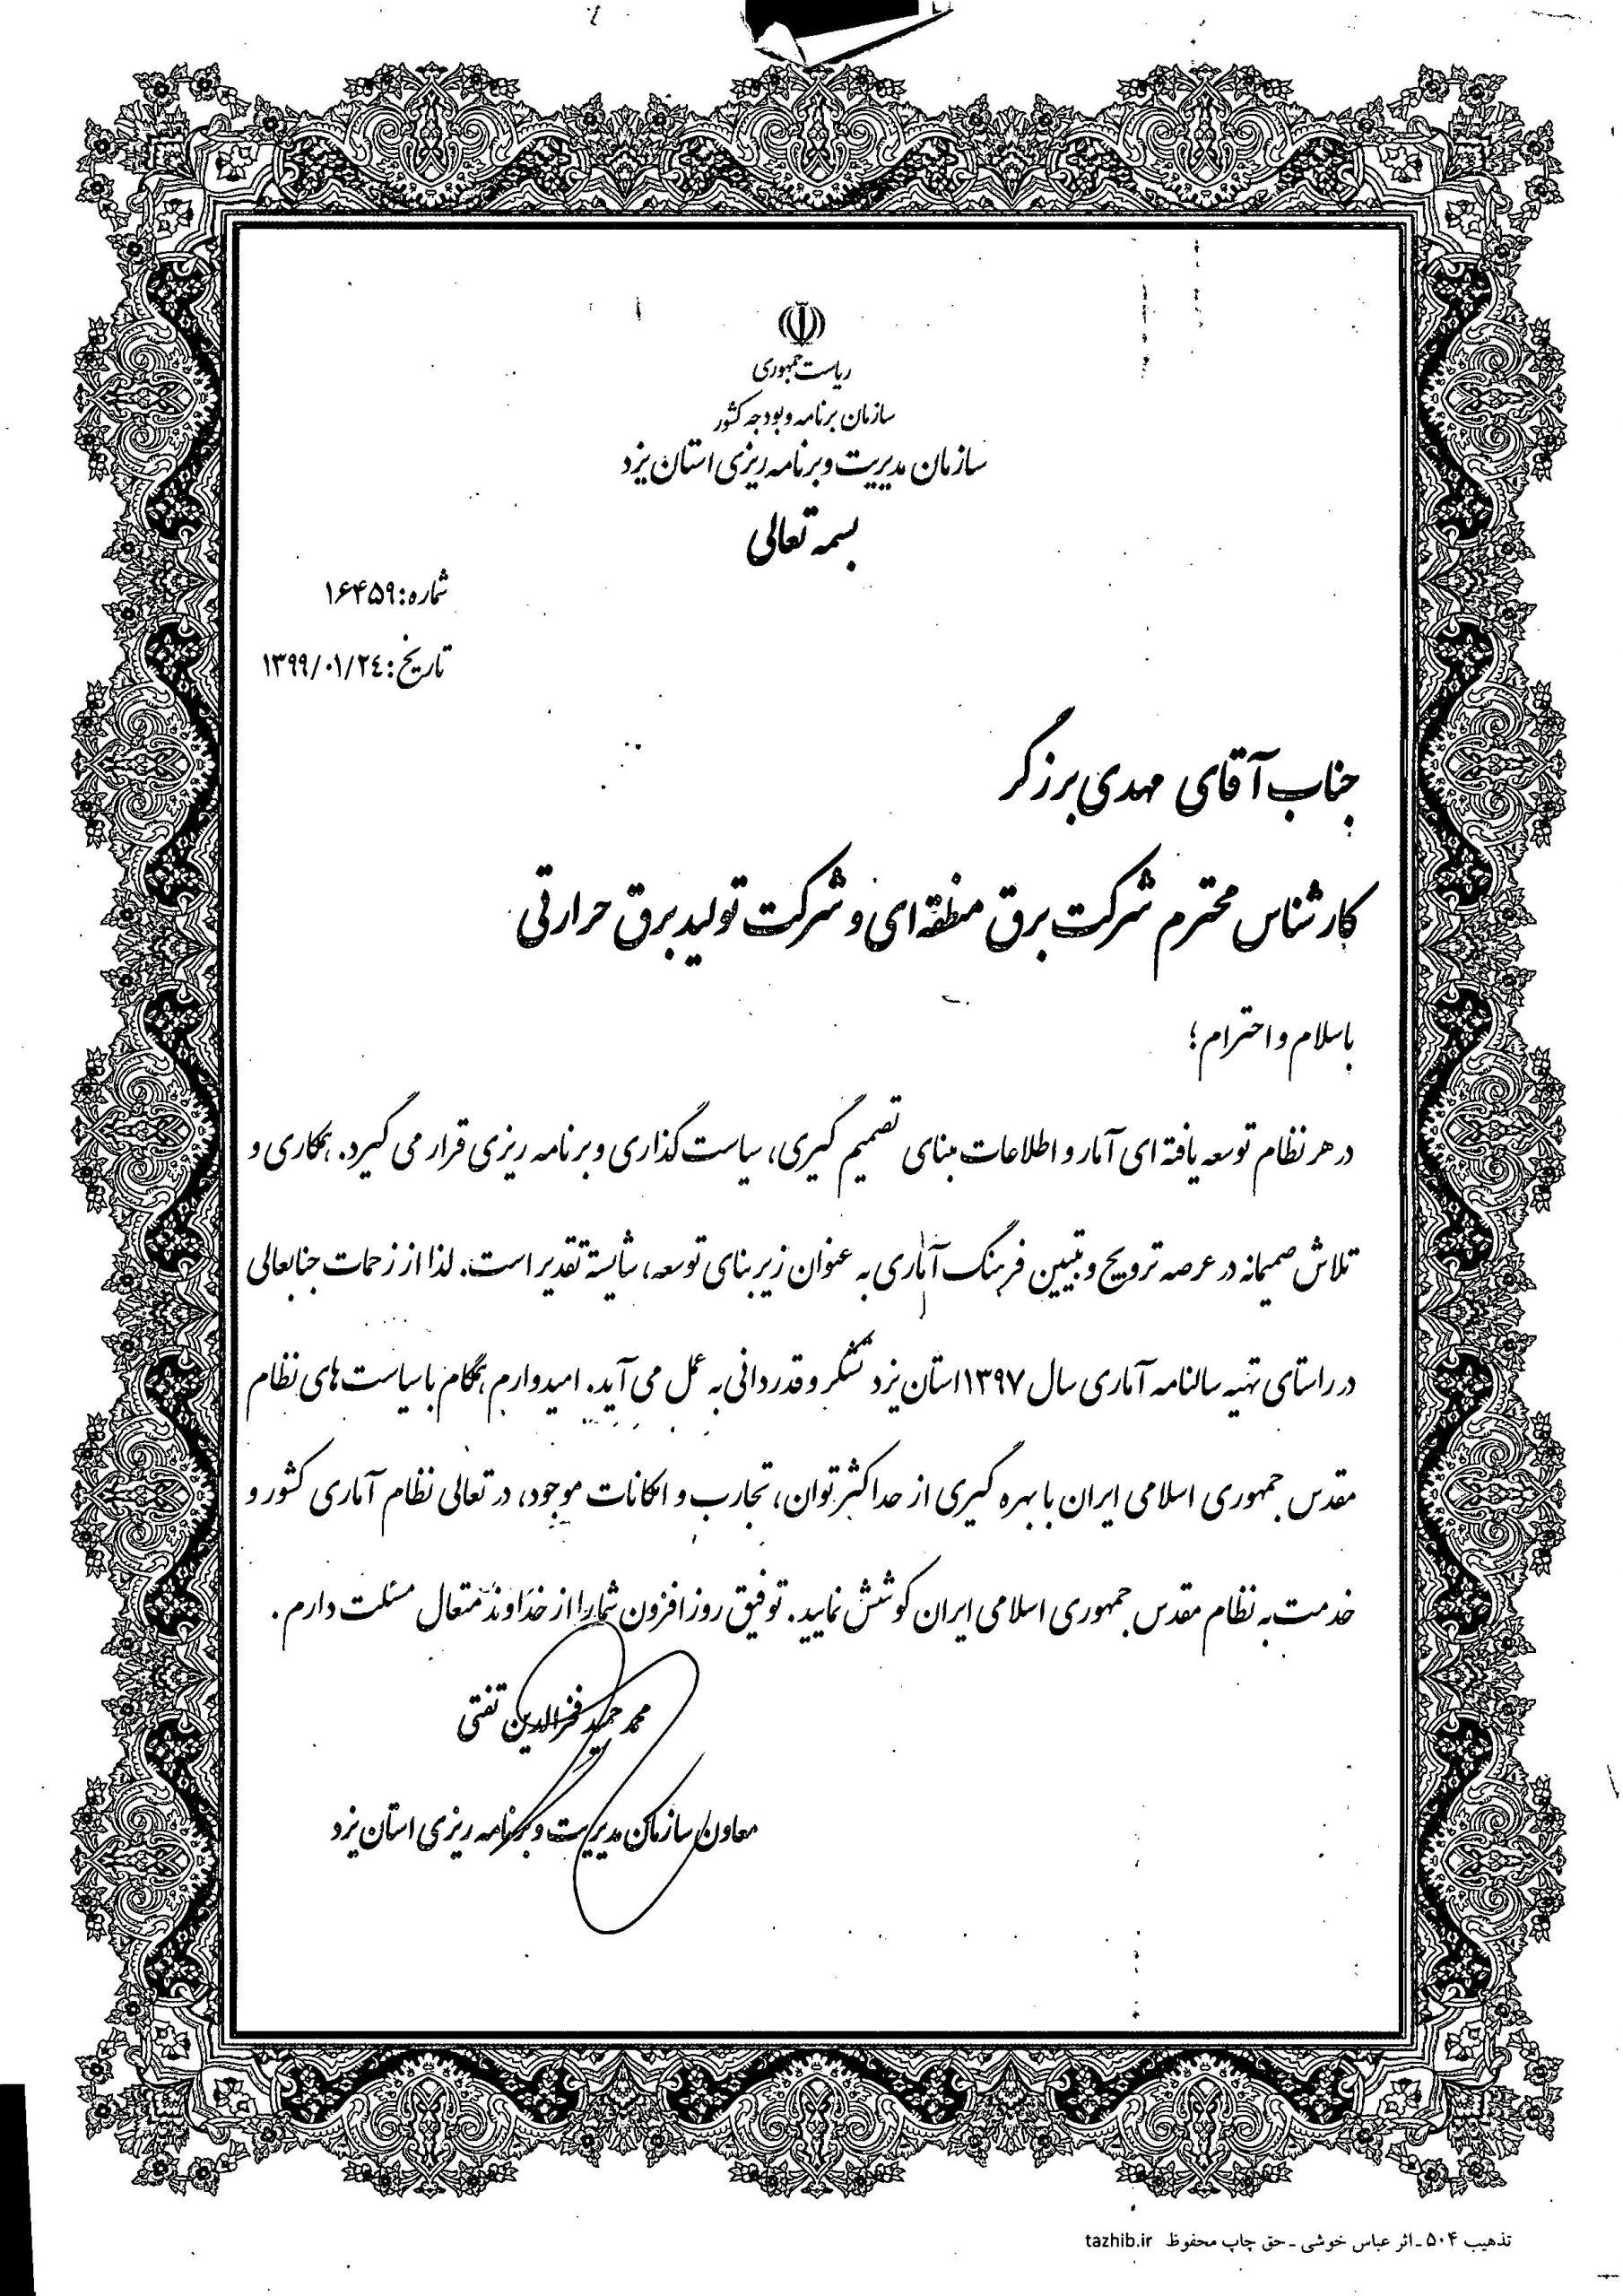 تقدیر معاون سازمان مدیریت و برنامهریزی استان از کارشناس برق منطقهای یزد